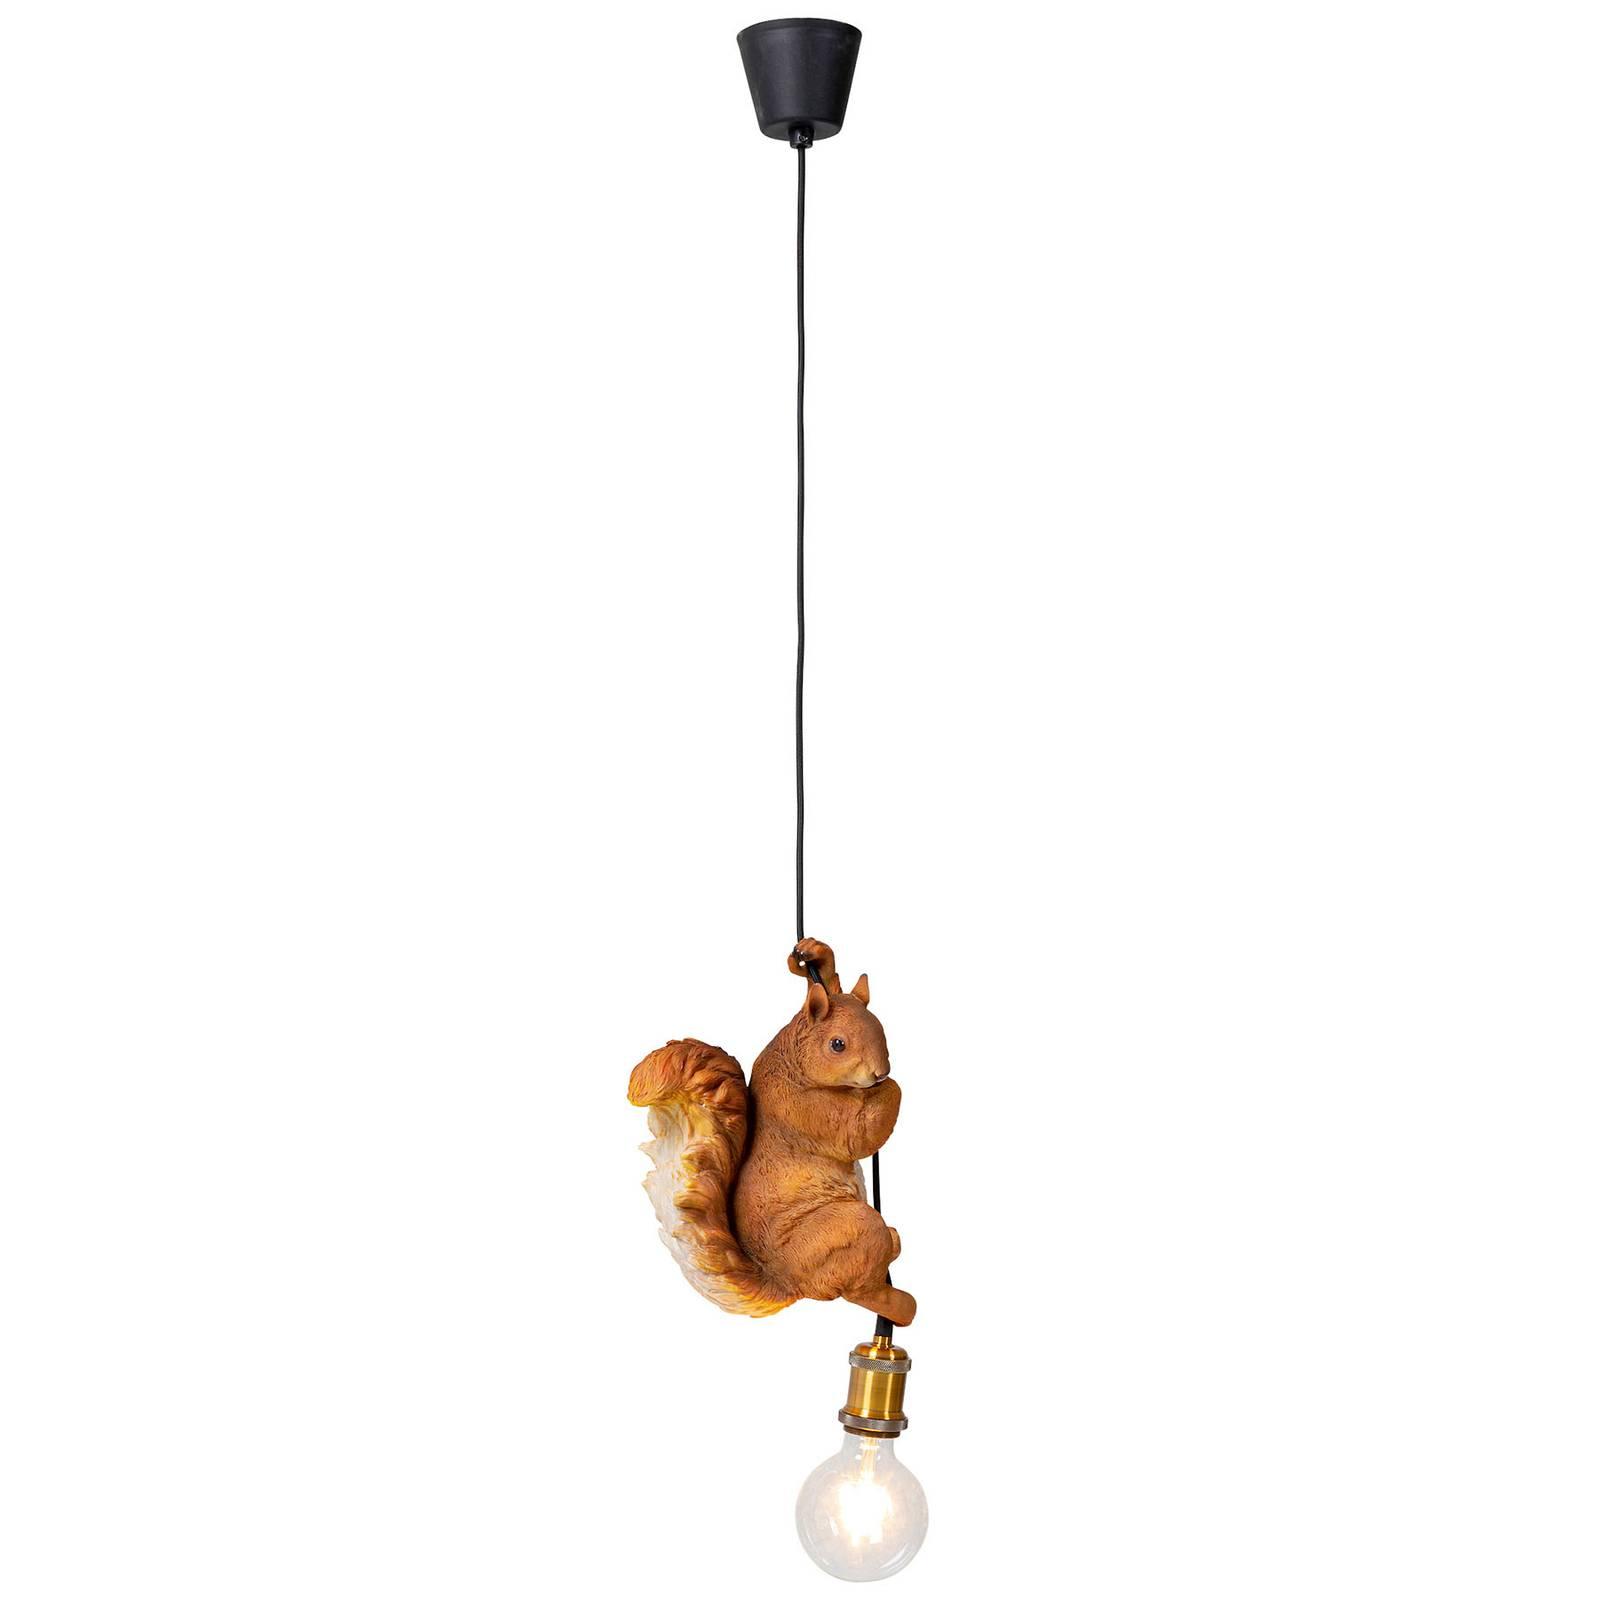 KARE Squirrel Hängeleuchte mit Eichhörnchen-Modell